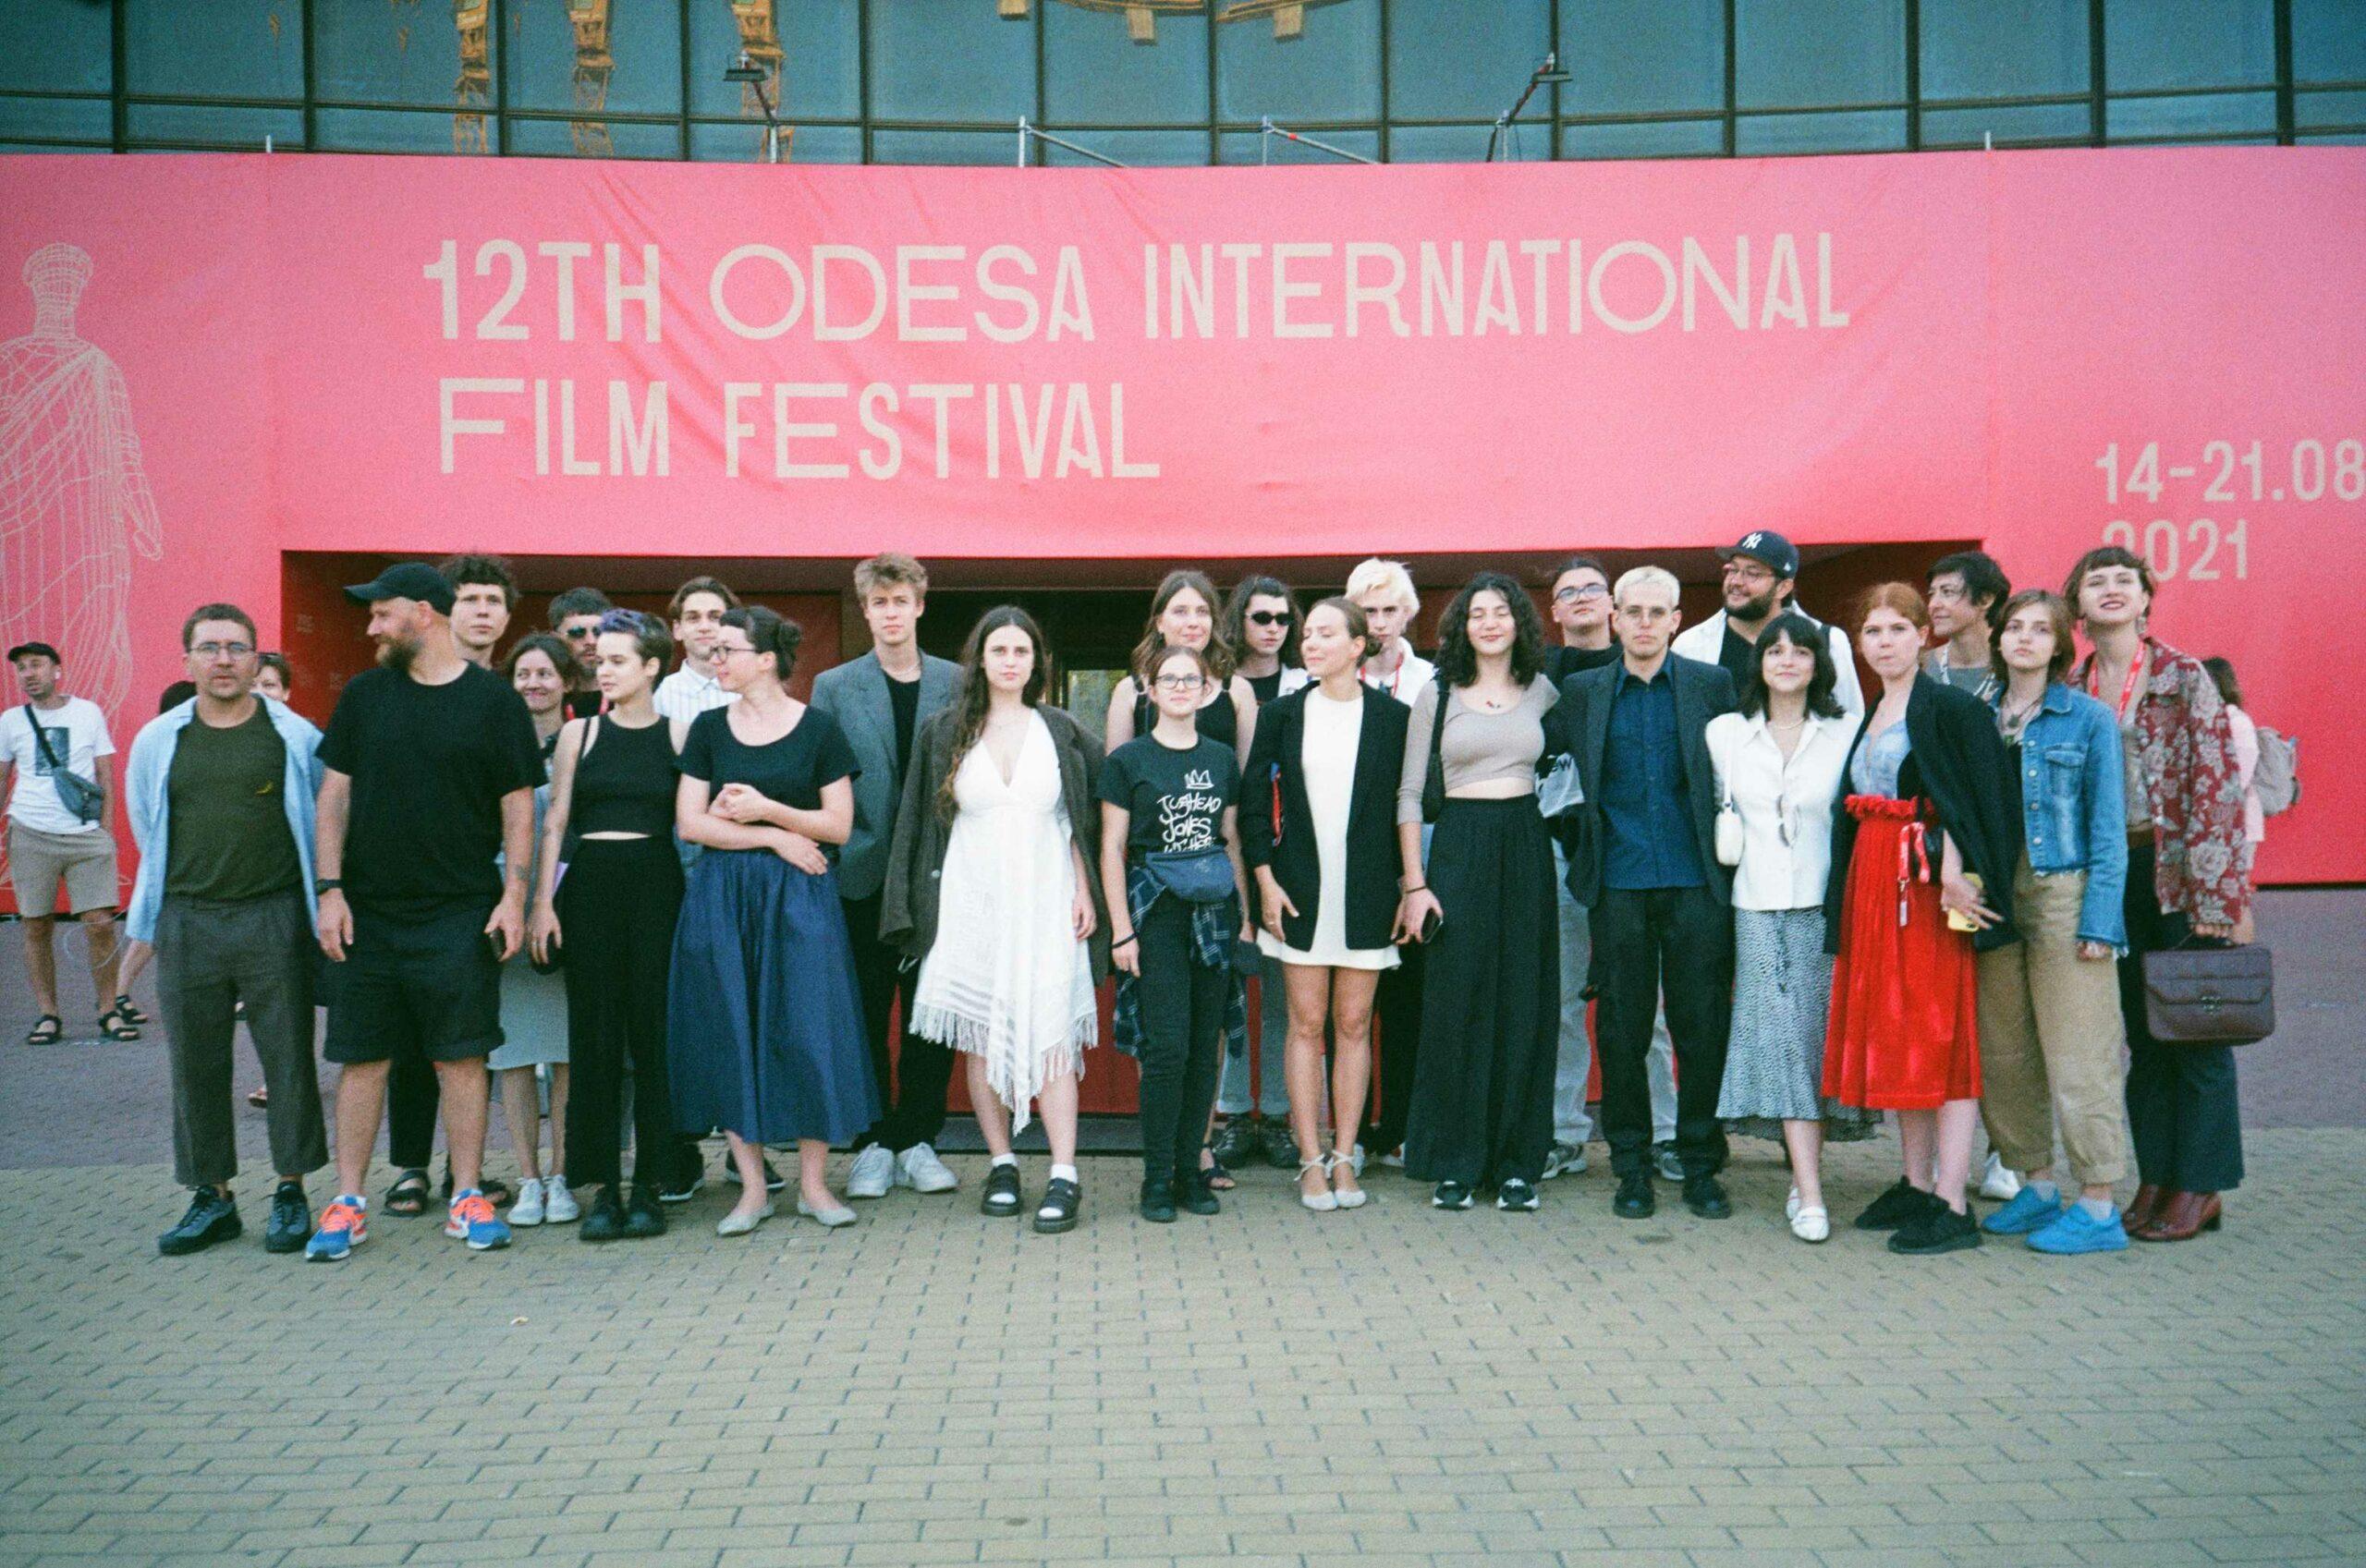 sasha naselenko 1010002 scaled - <b>Школа, у якій ви не вчилися.</b> Фільм «Стоп-Земля» Катерини Горностай - Заборона